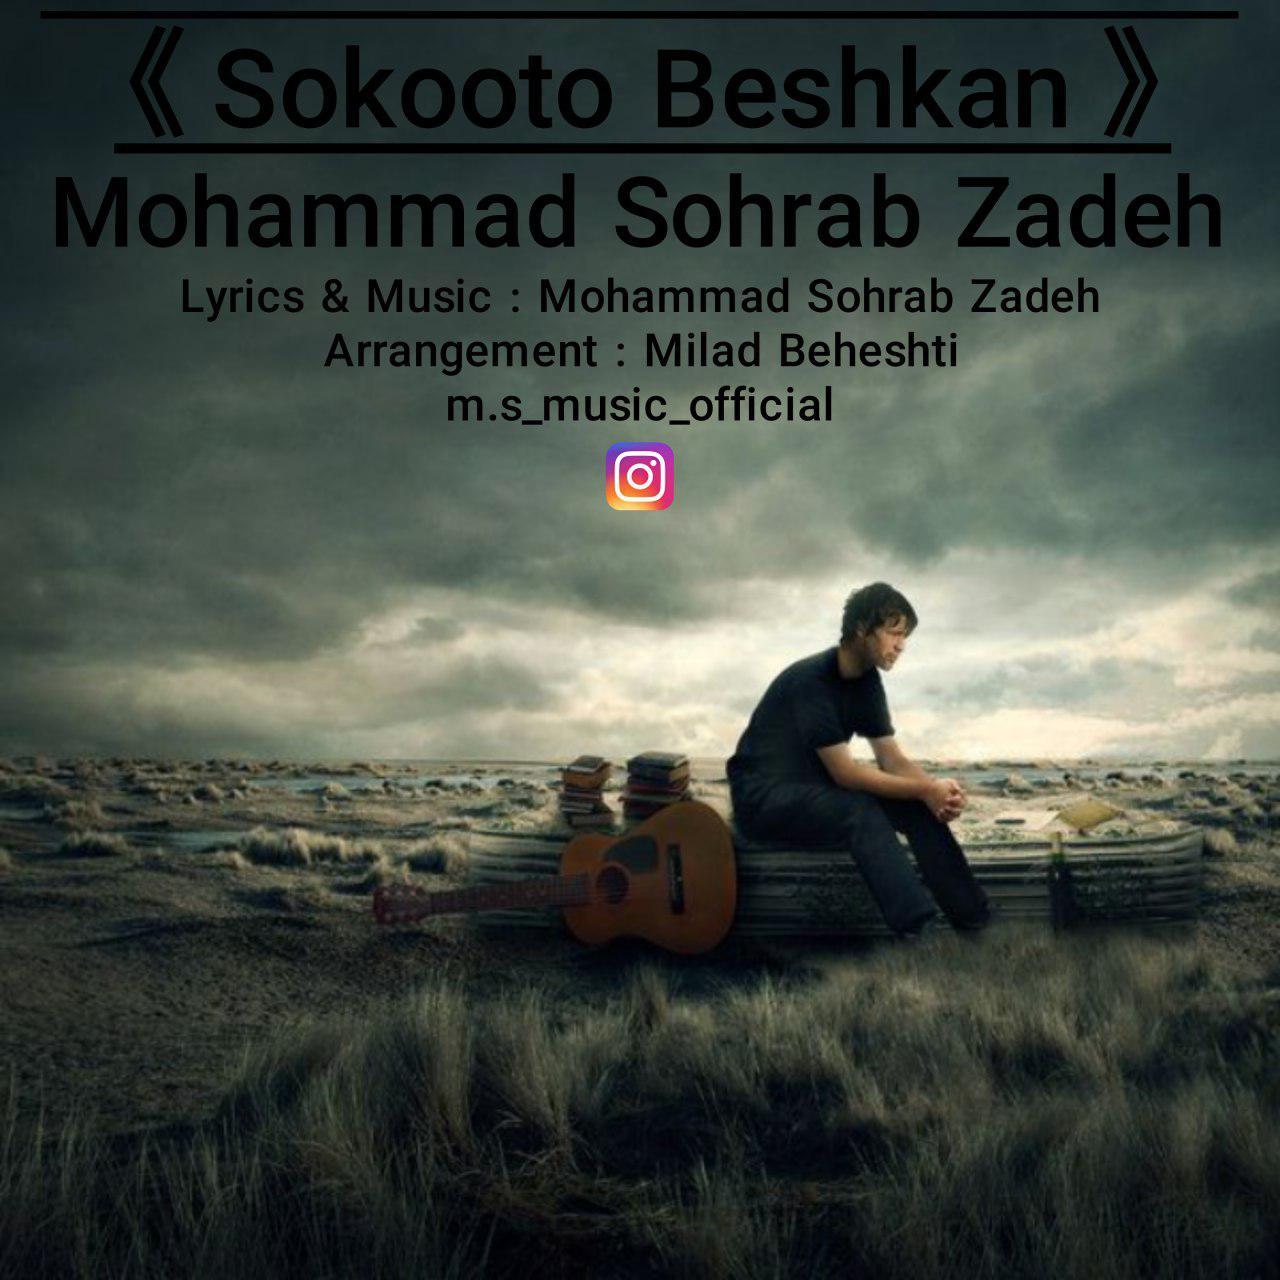 آهنگ   محمد سهراب زاده به نام سکوت بشکن